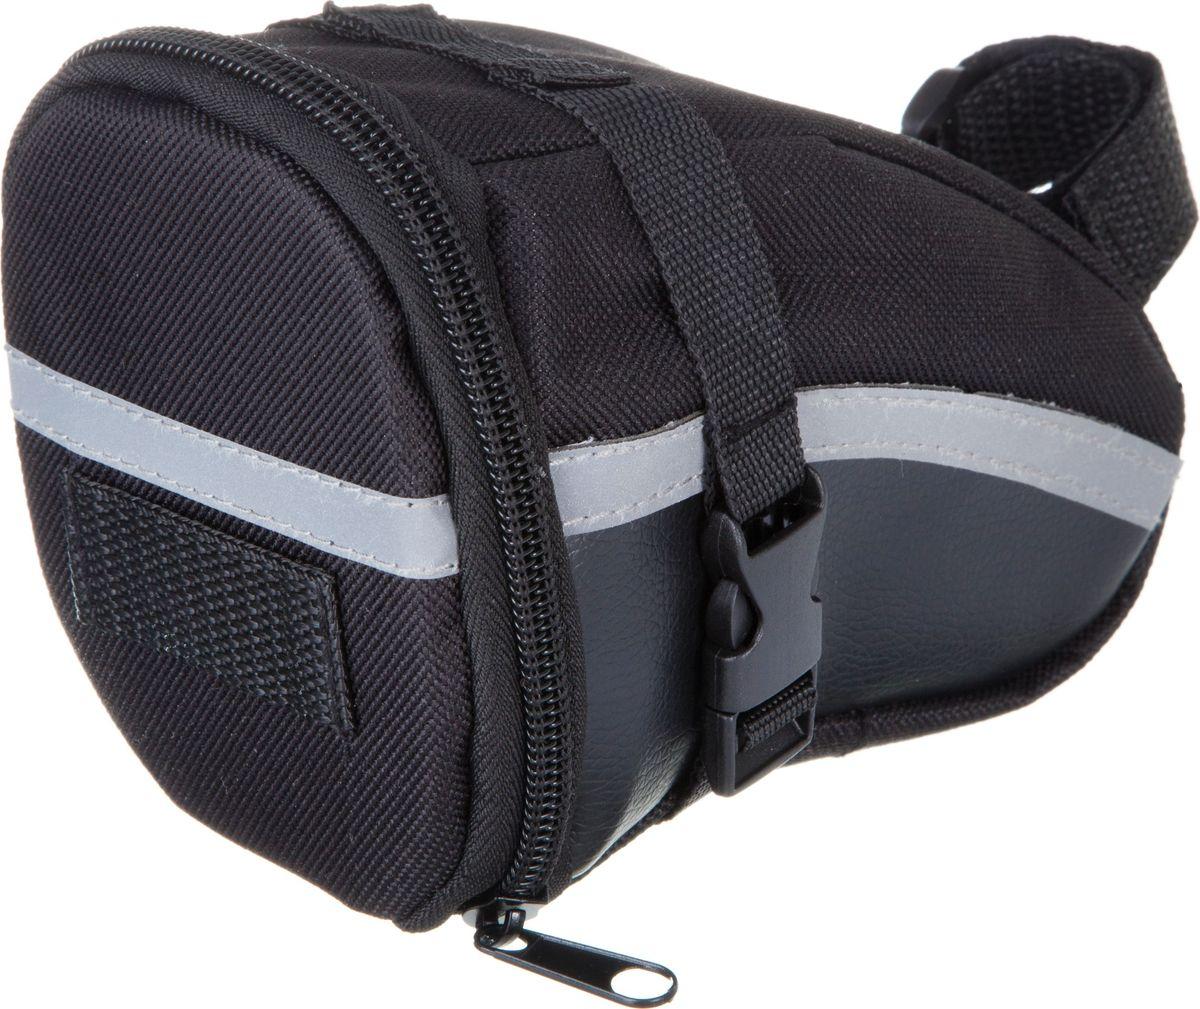 Велосумка STG 13196, под седло, цвет: черный. Х83840